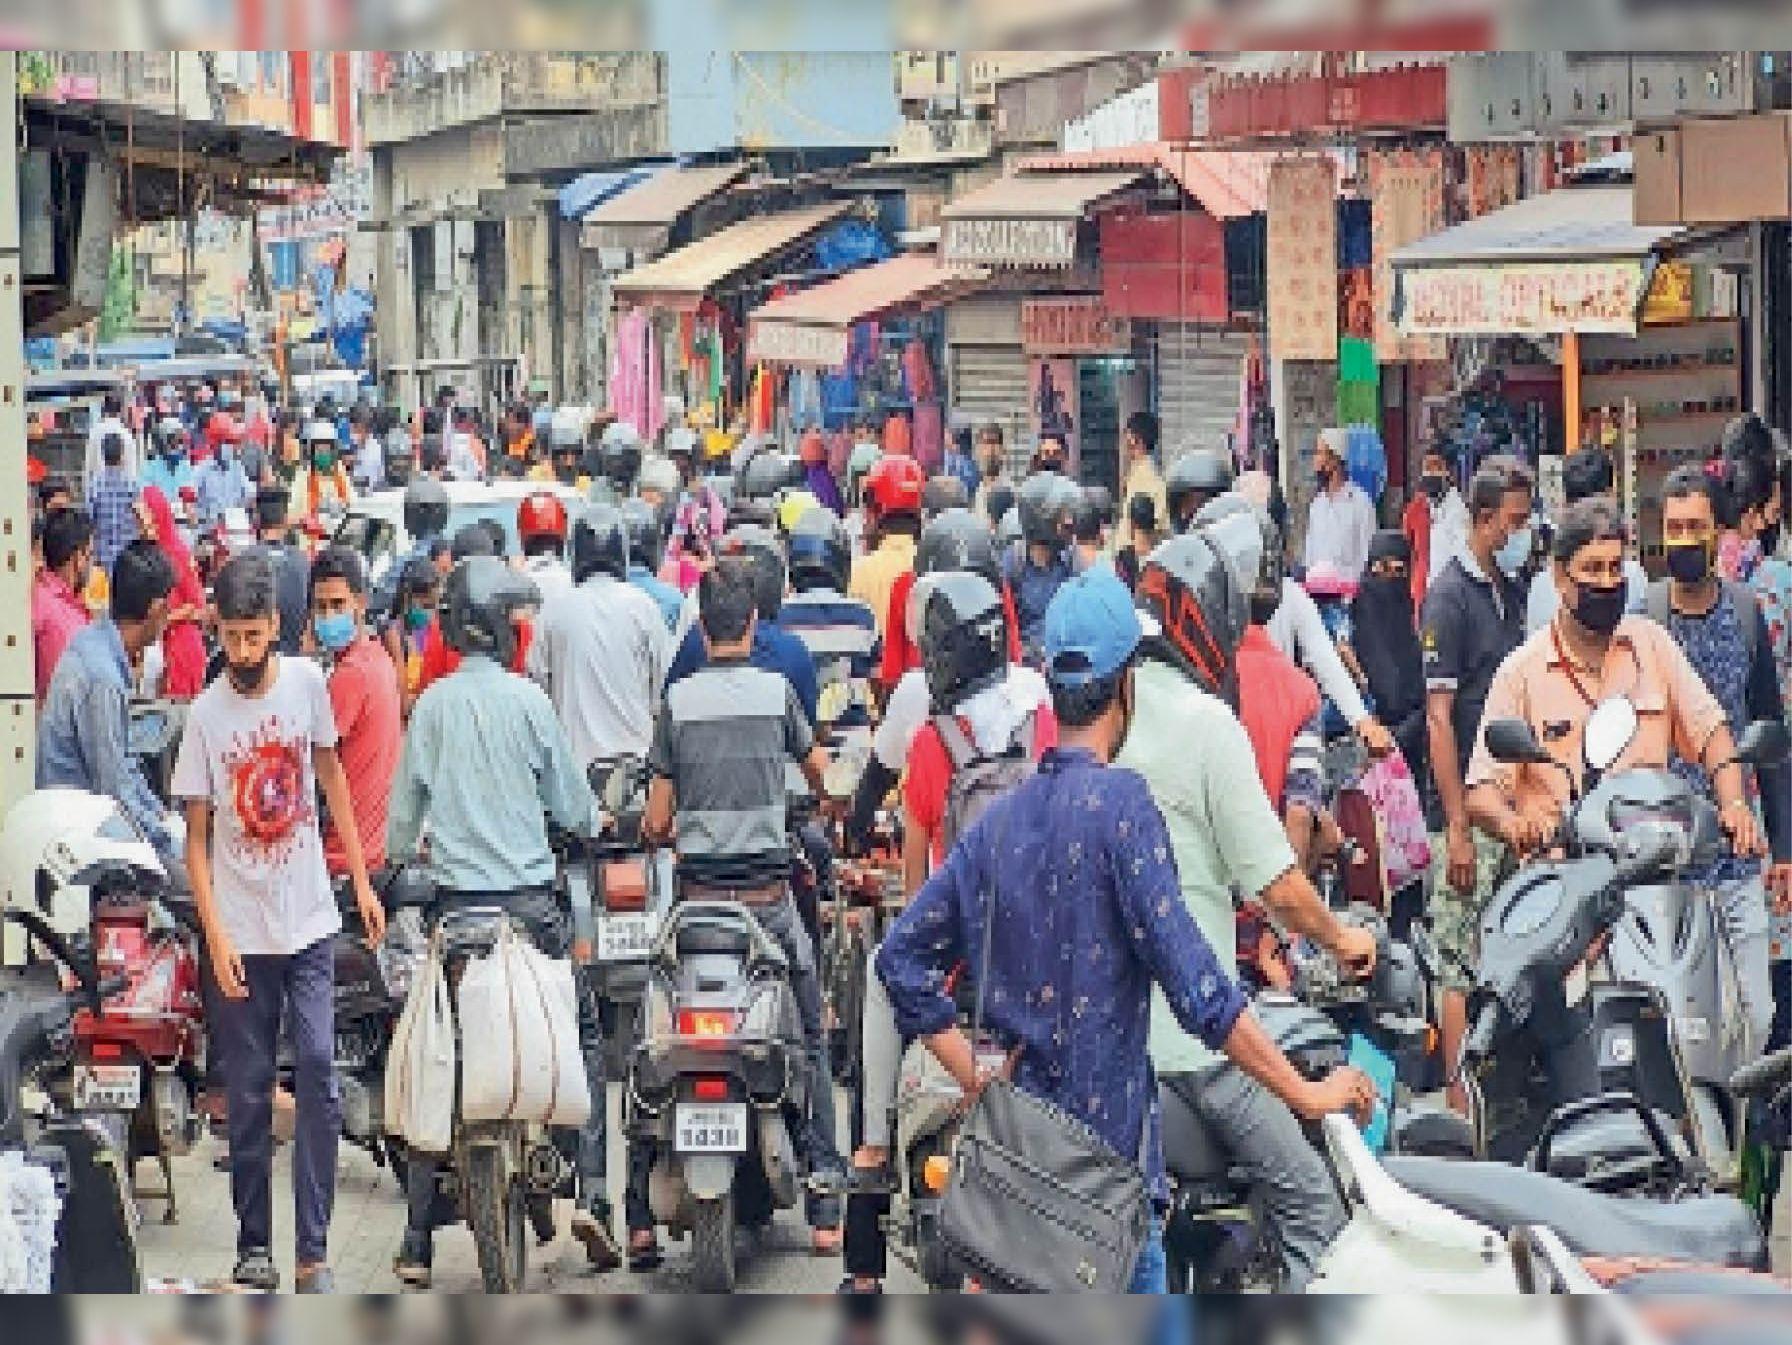 एक दिन पहले 700% मरीज बढ़े, अगले ही दिन 700 फीसदी घट भी गए जमशेदपुर,Jamshedpur - Dainik Bhaskar